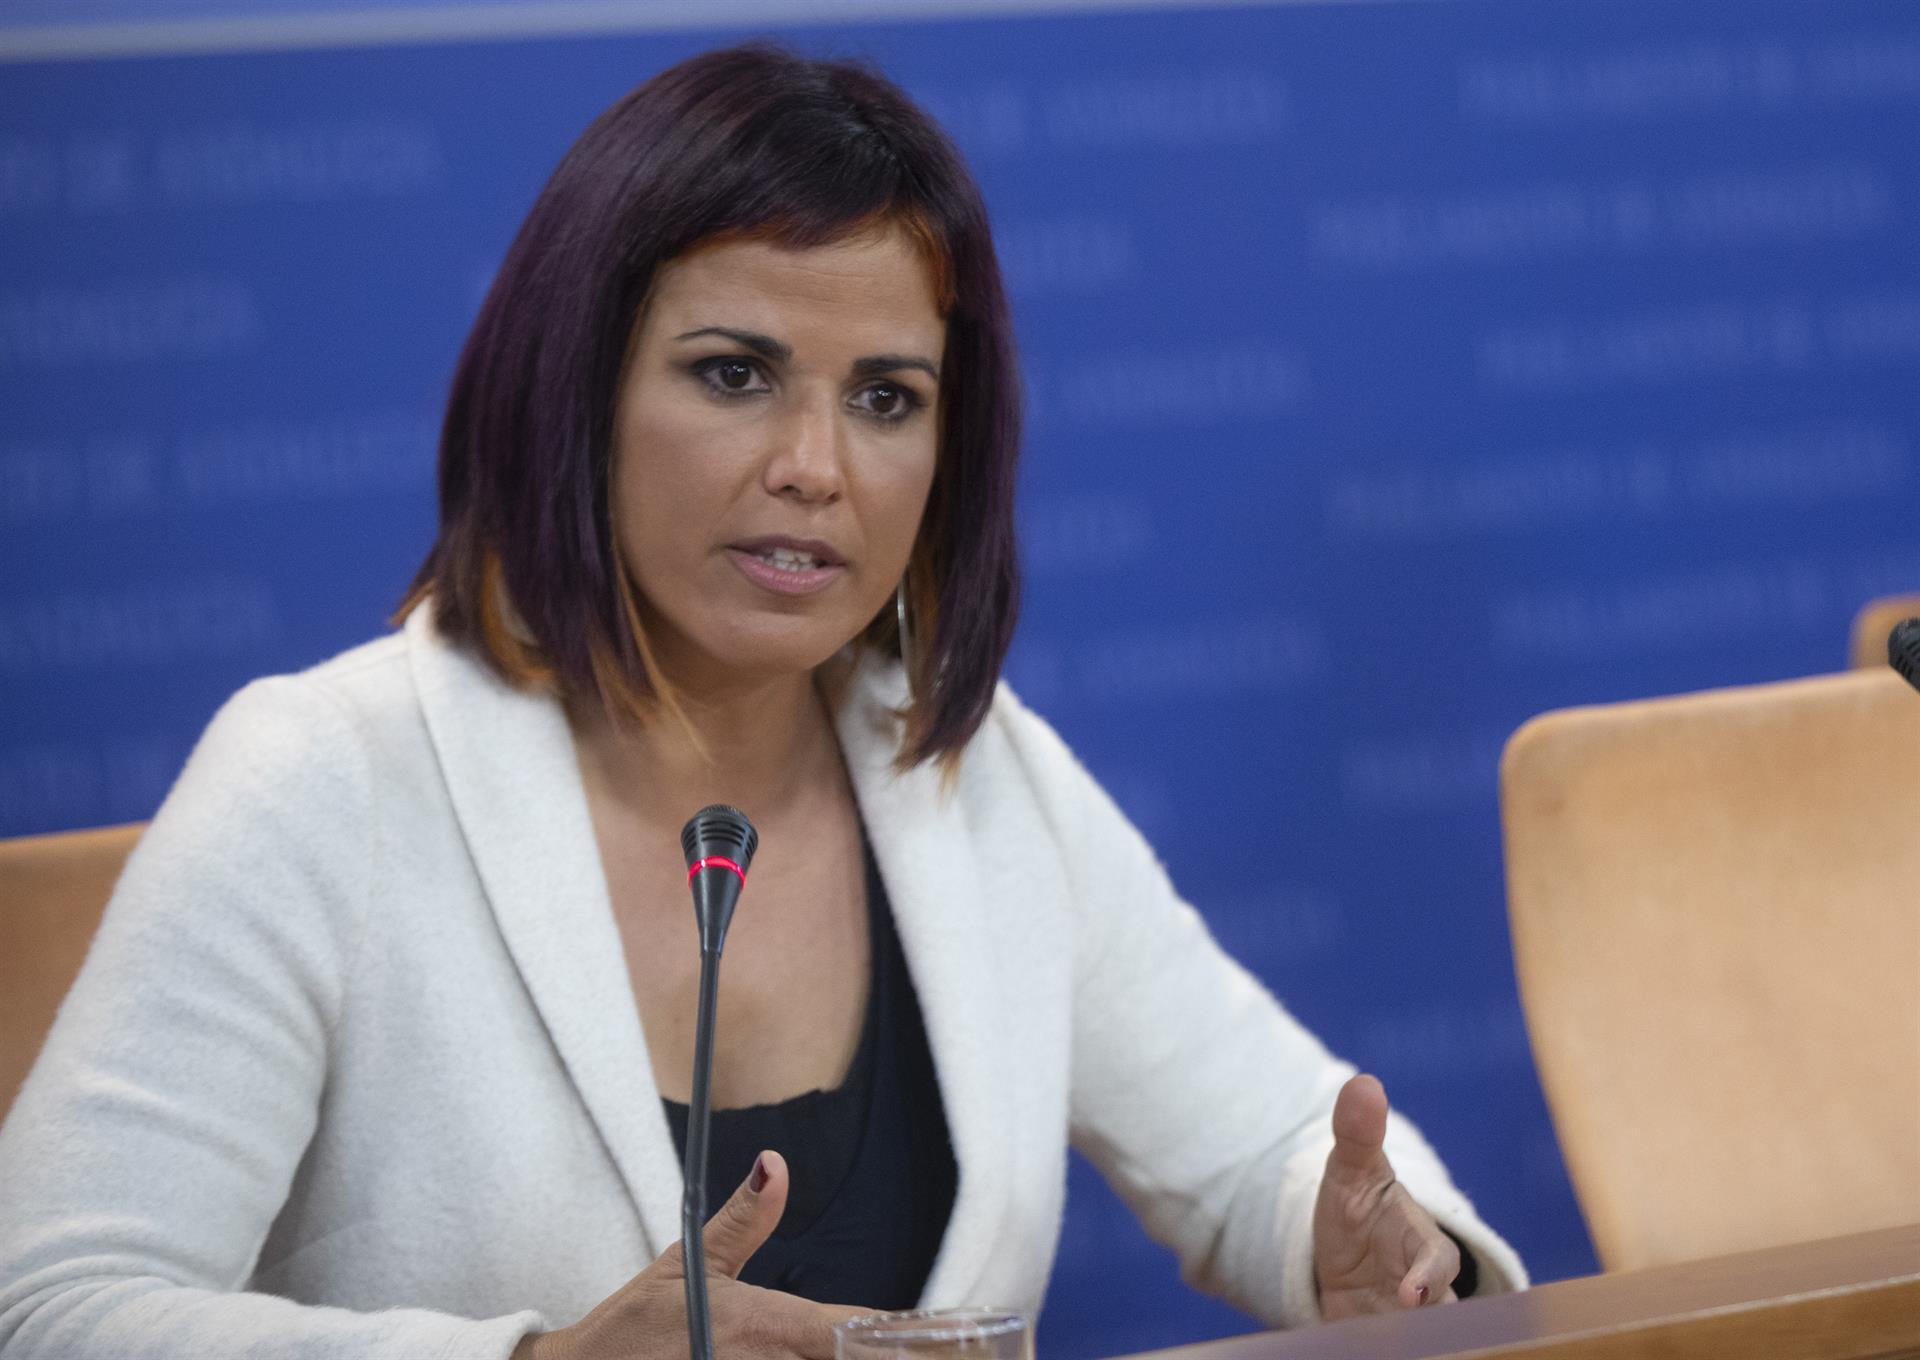 Rodríguez se solidarizaría con Susana Díaz si viera discriminación por el hecho de ser mujer, «pero este no es el caso»